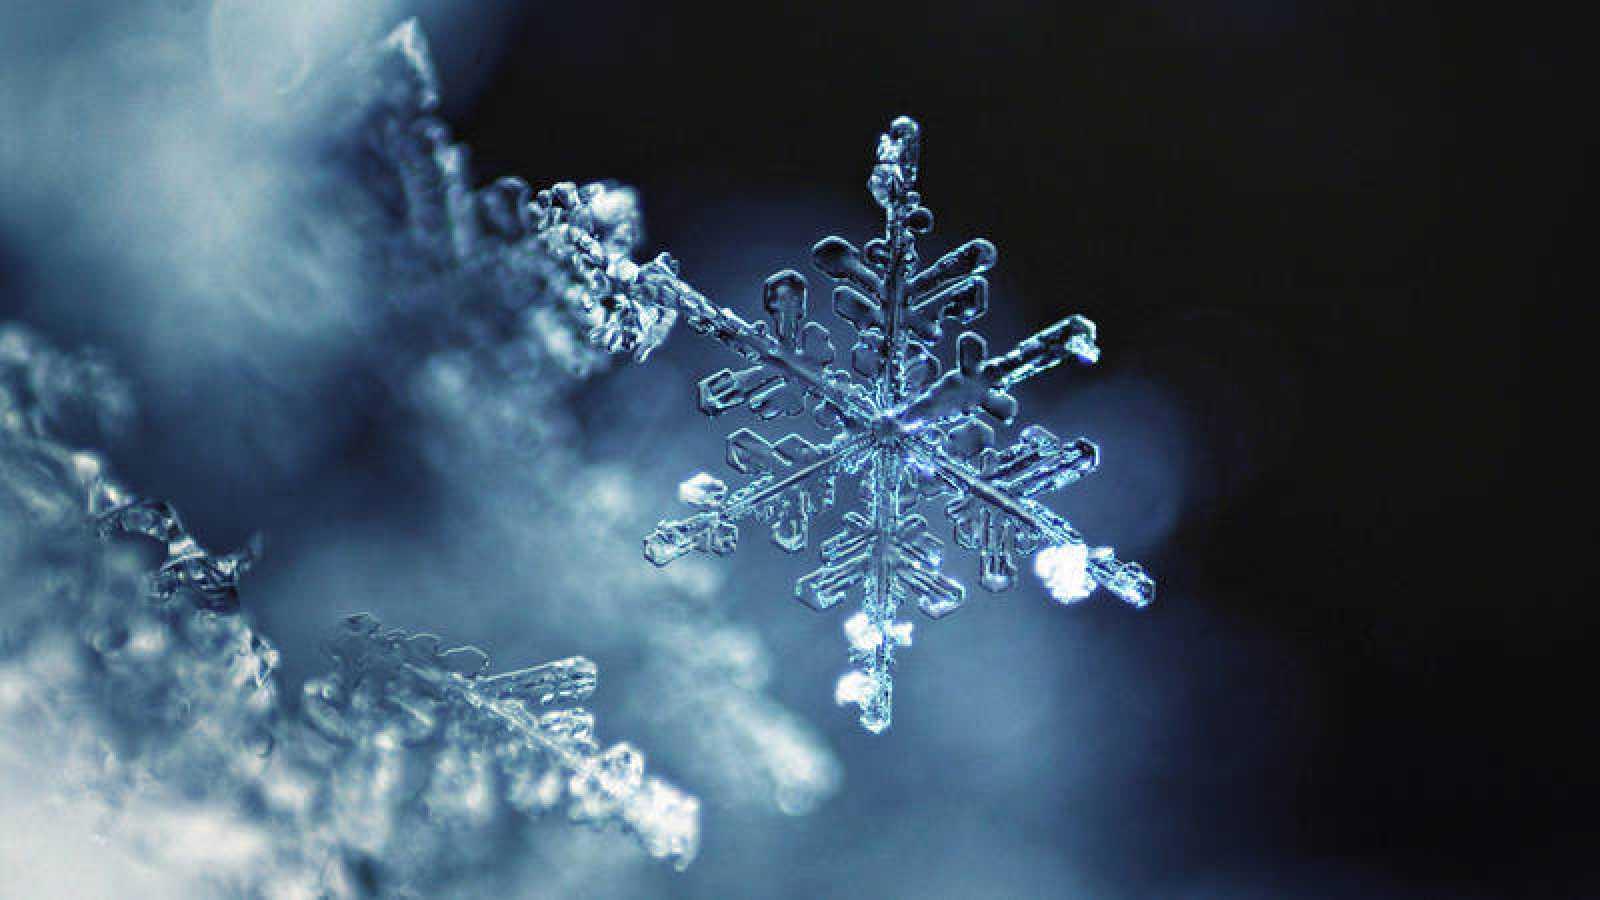 El agua líquida subenfriada es aquella que permanece en estado líquido por debajo del punto de congelación.